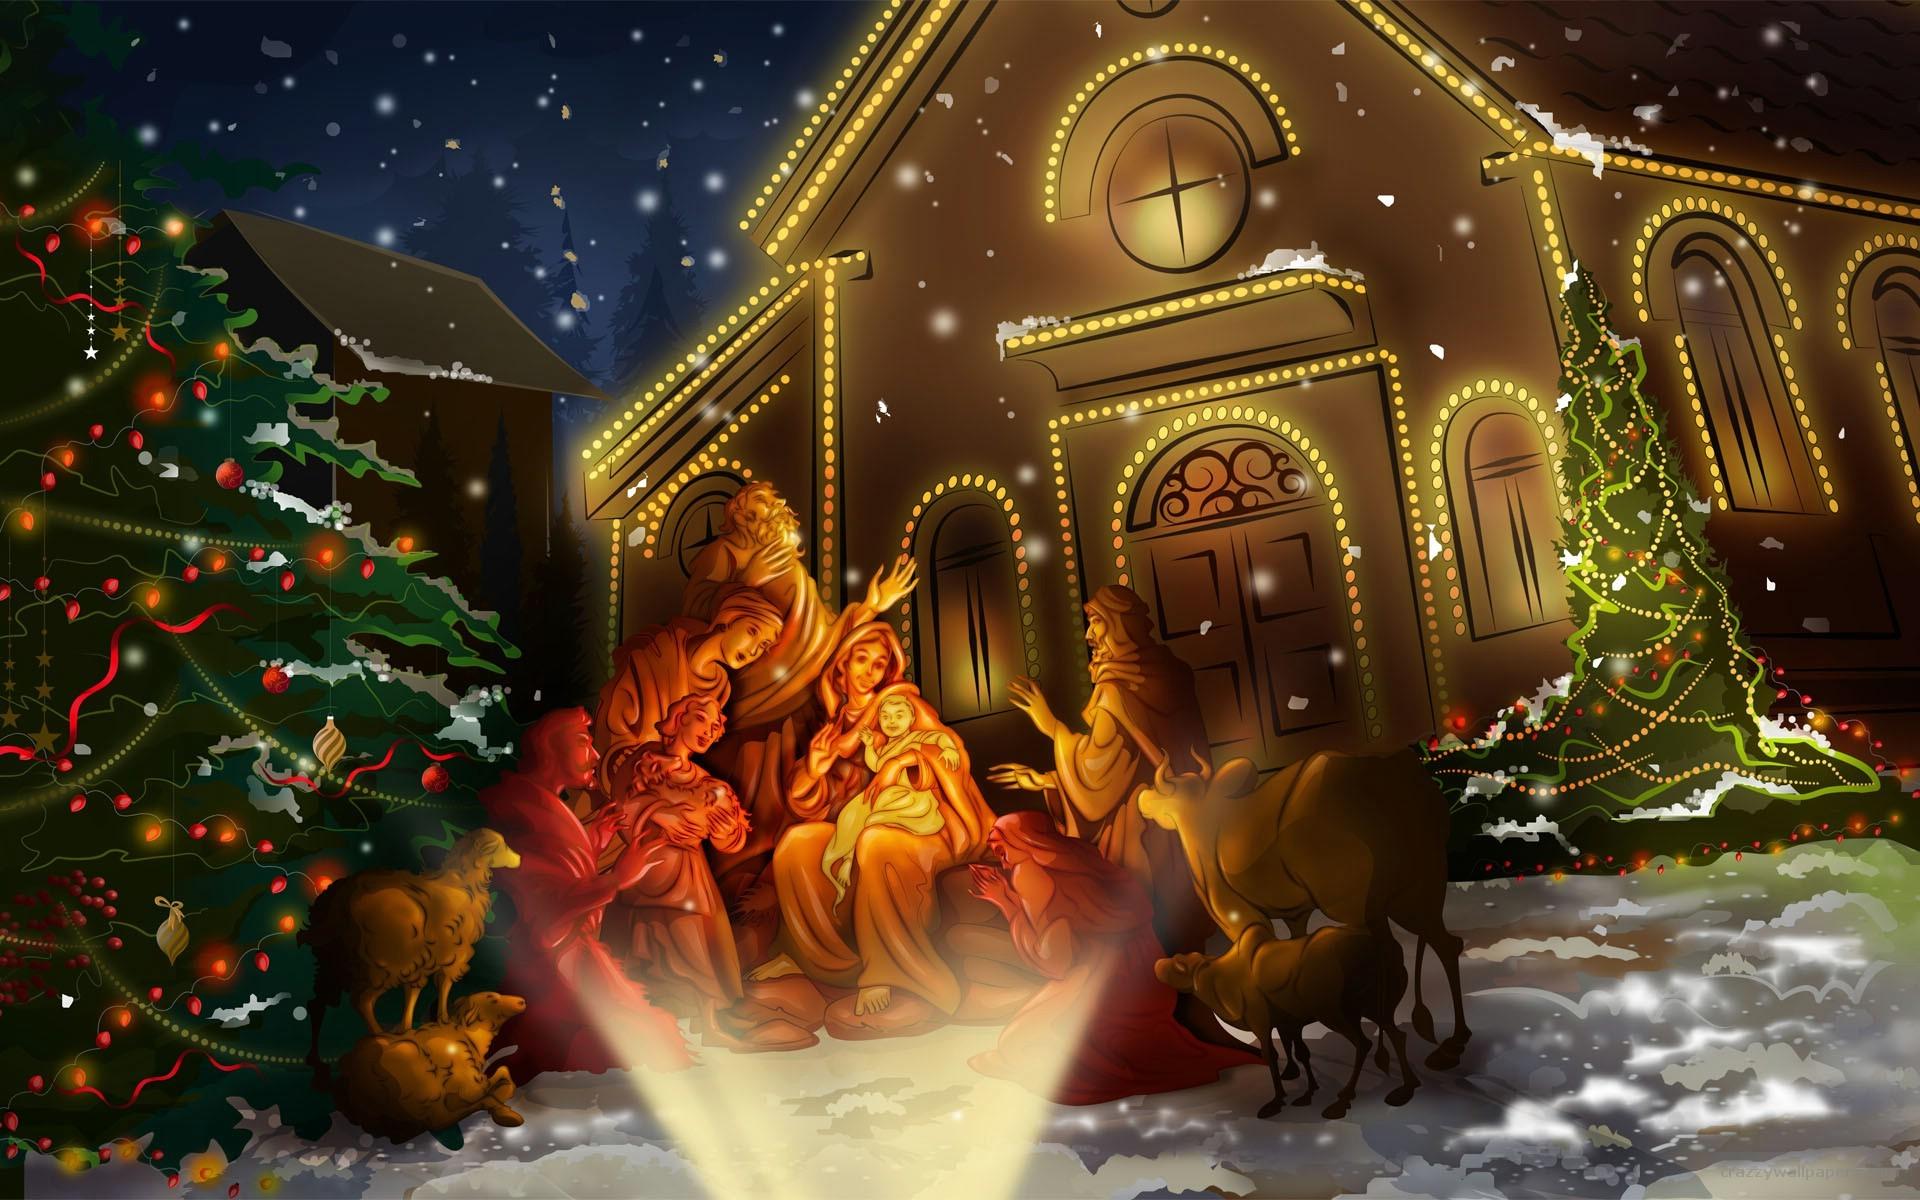 3d Animated Christmas Church Wallpaper #8969 Wallpaper computer | best .